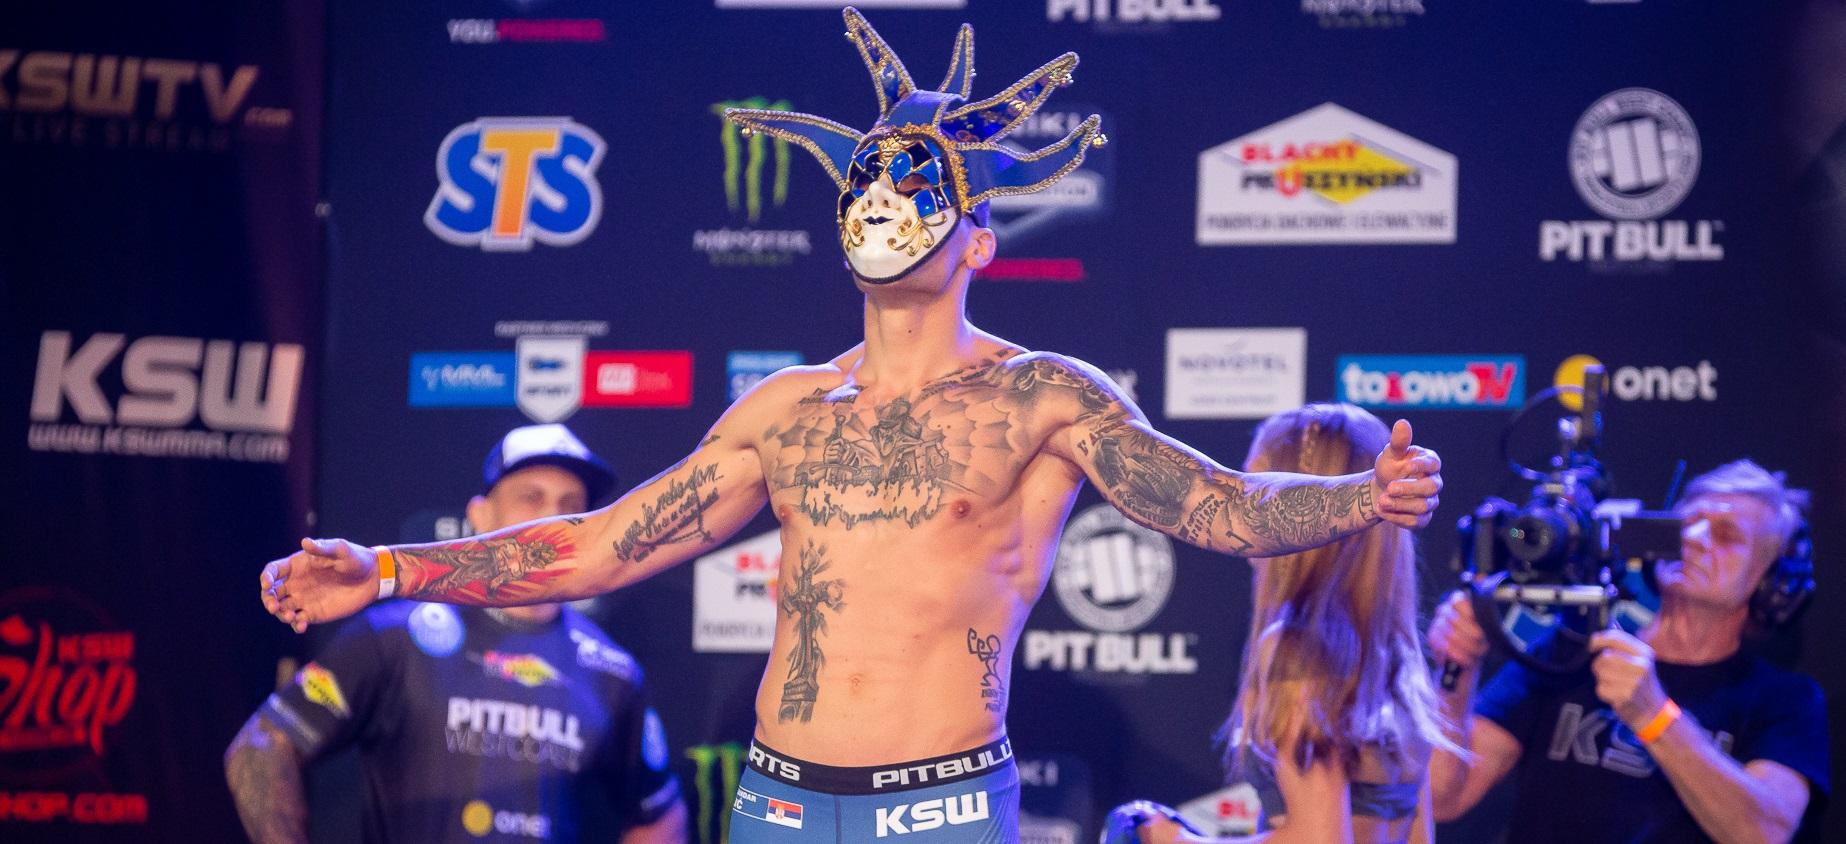 The Joker sets his sights on KSW 51 - MMA